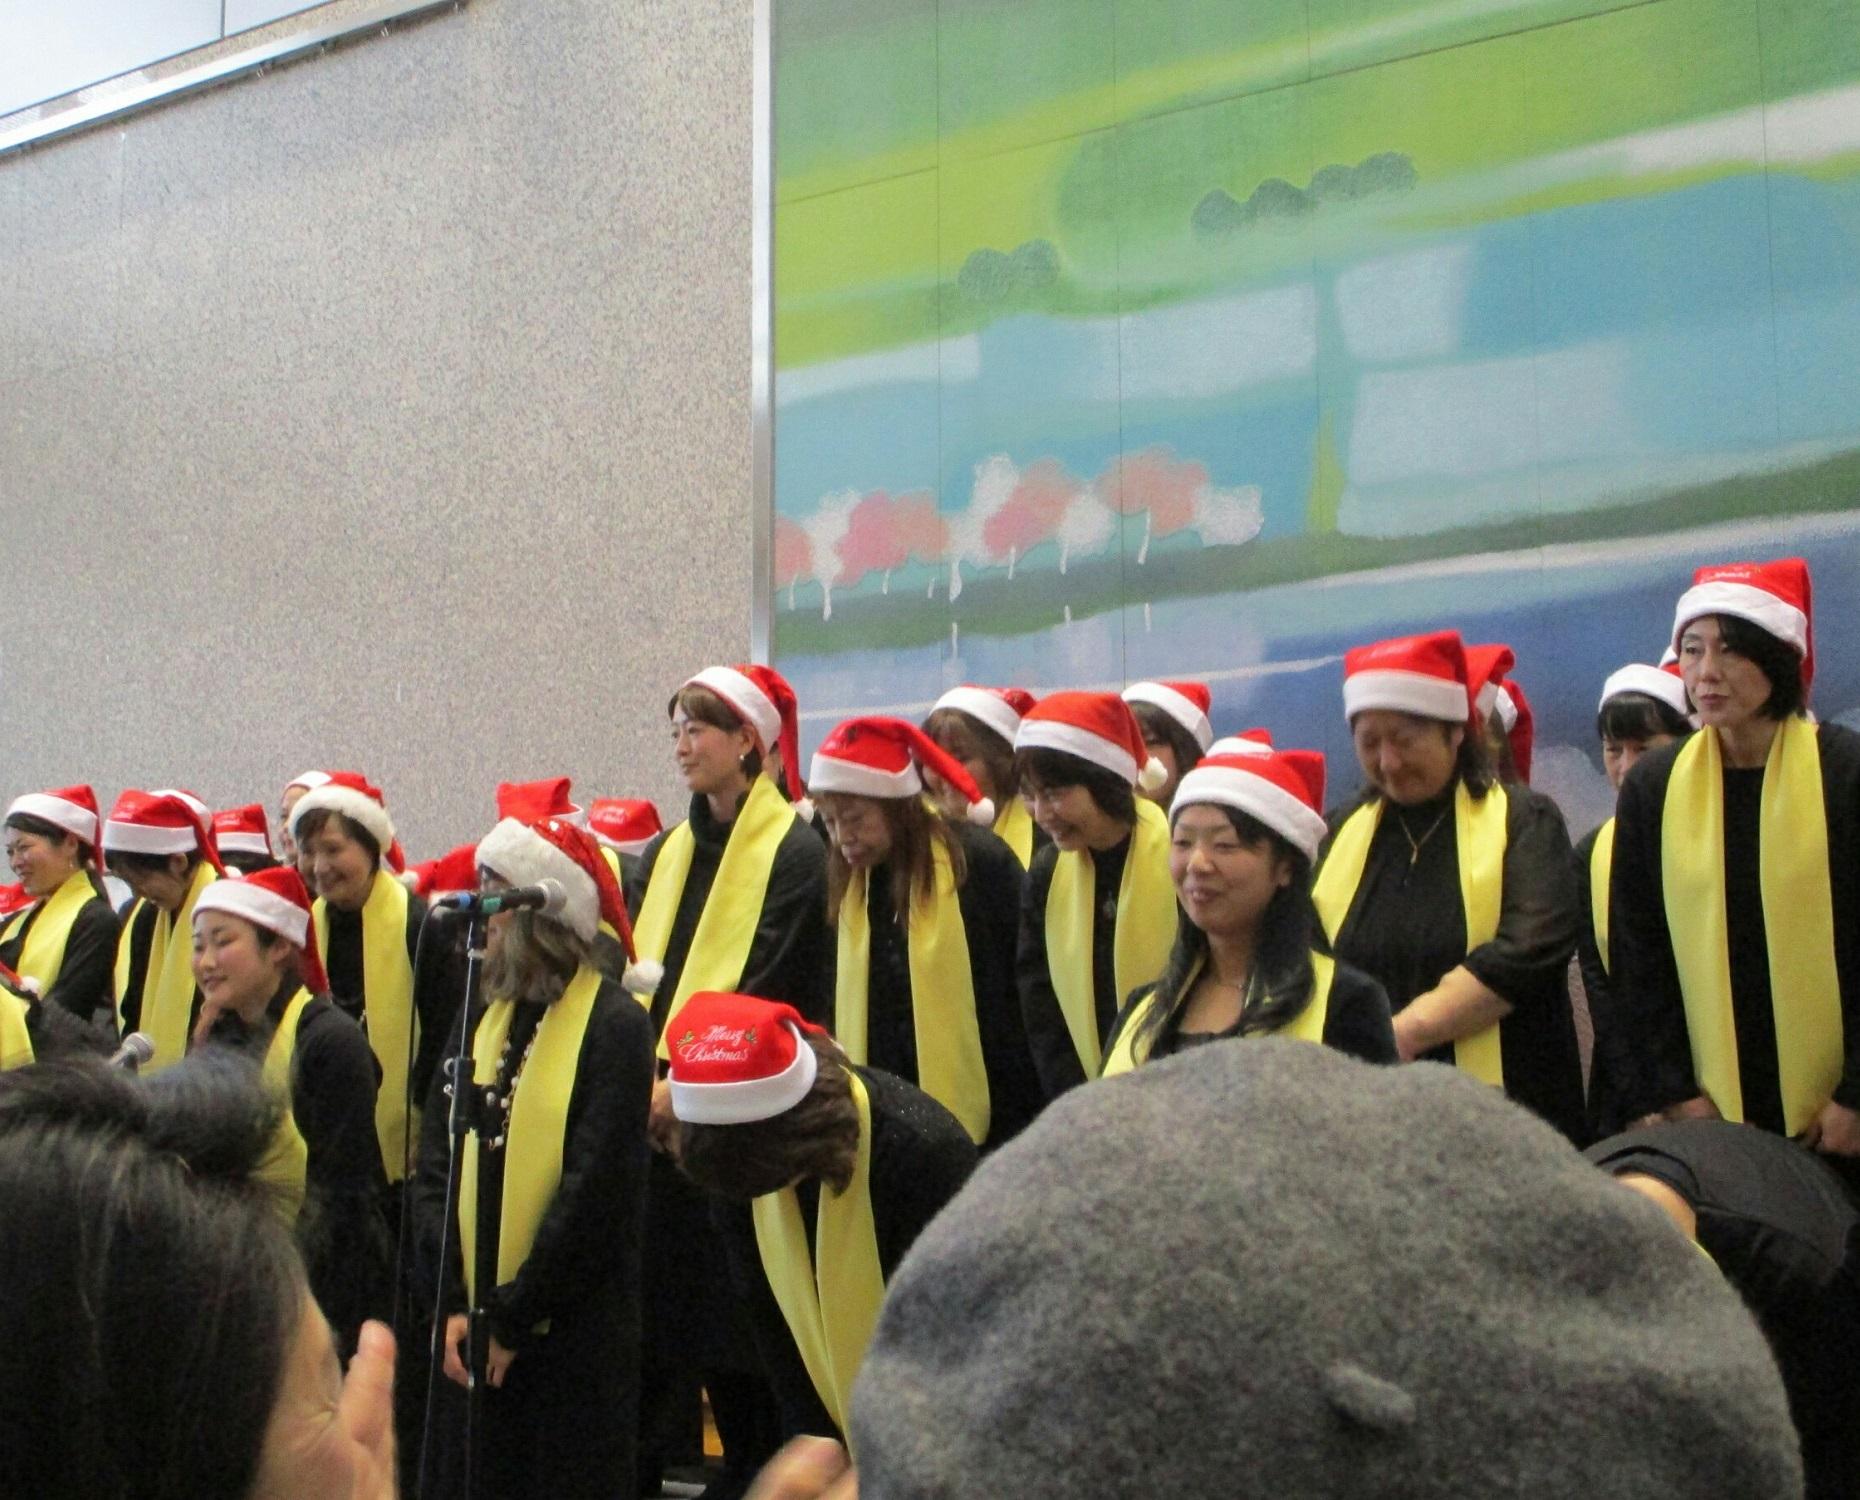 2018.12.22 クリスマスゴスペルコンサート (2) 1860-1500